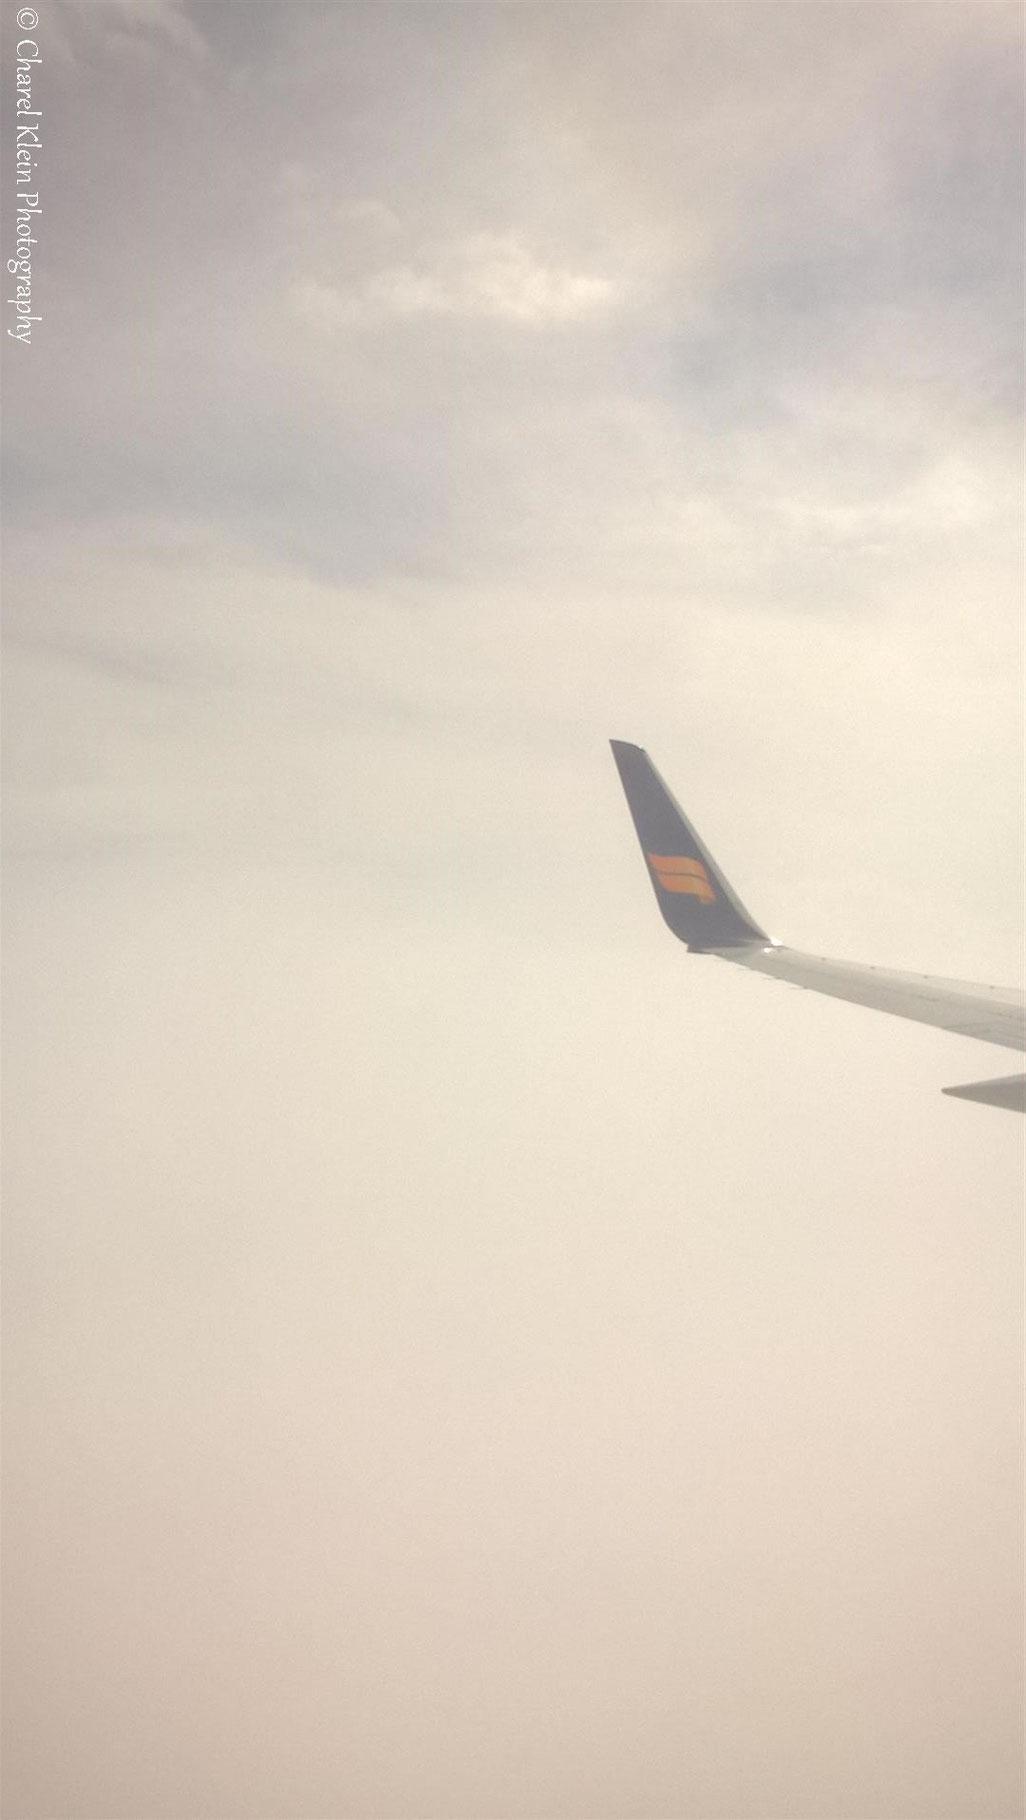 Flight Reykjavik - Akureyri